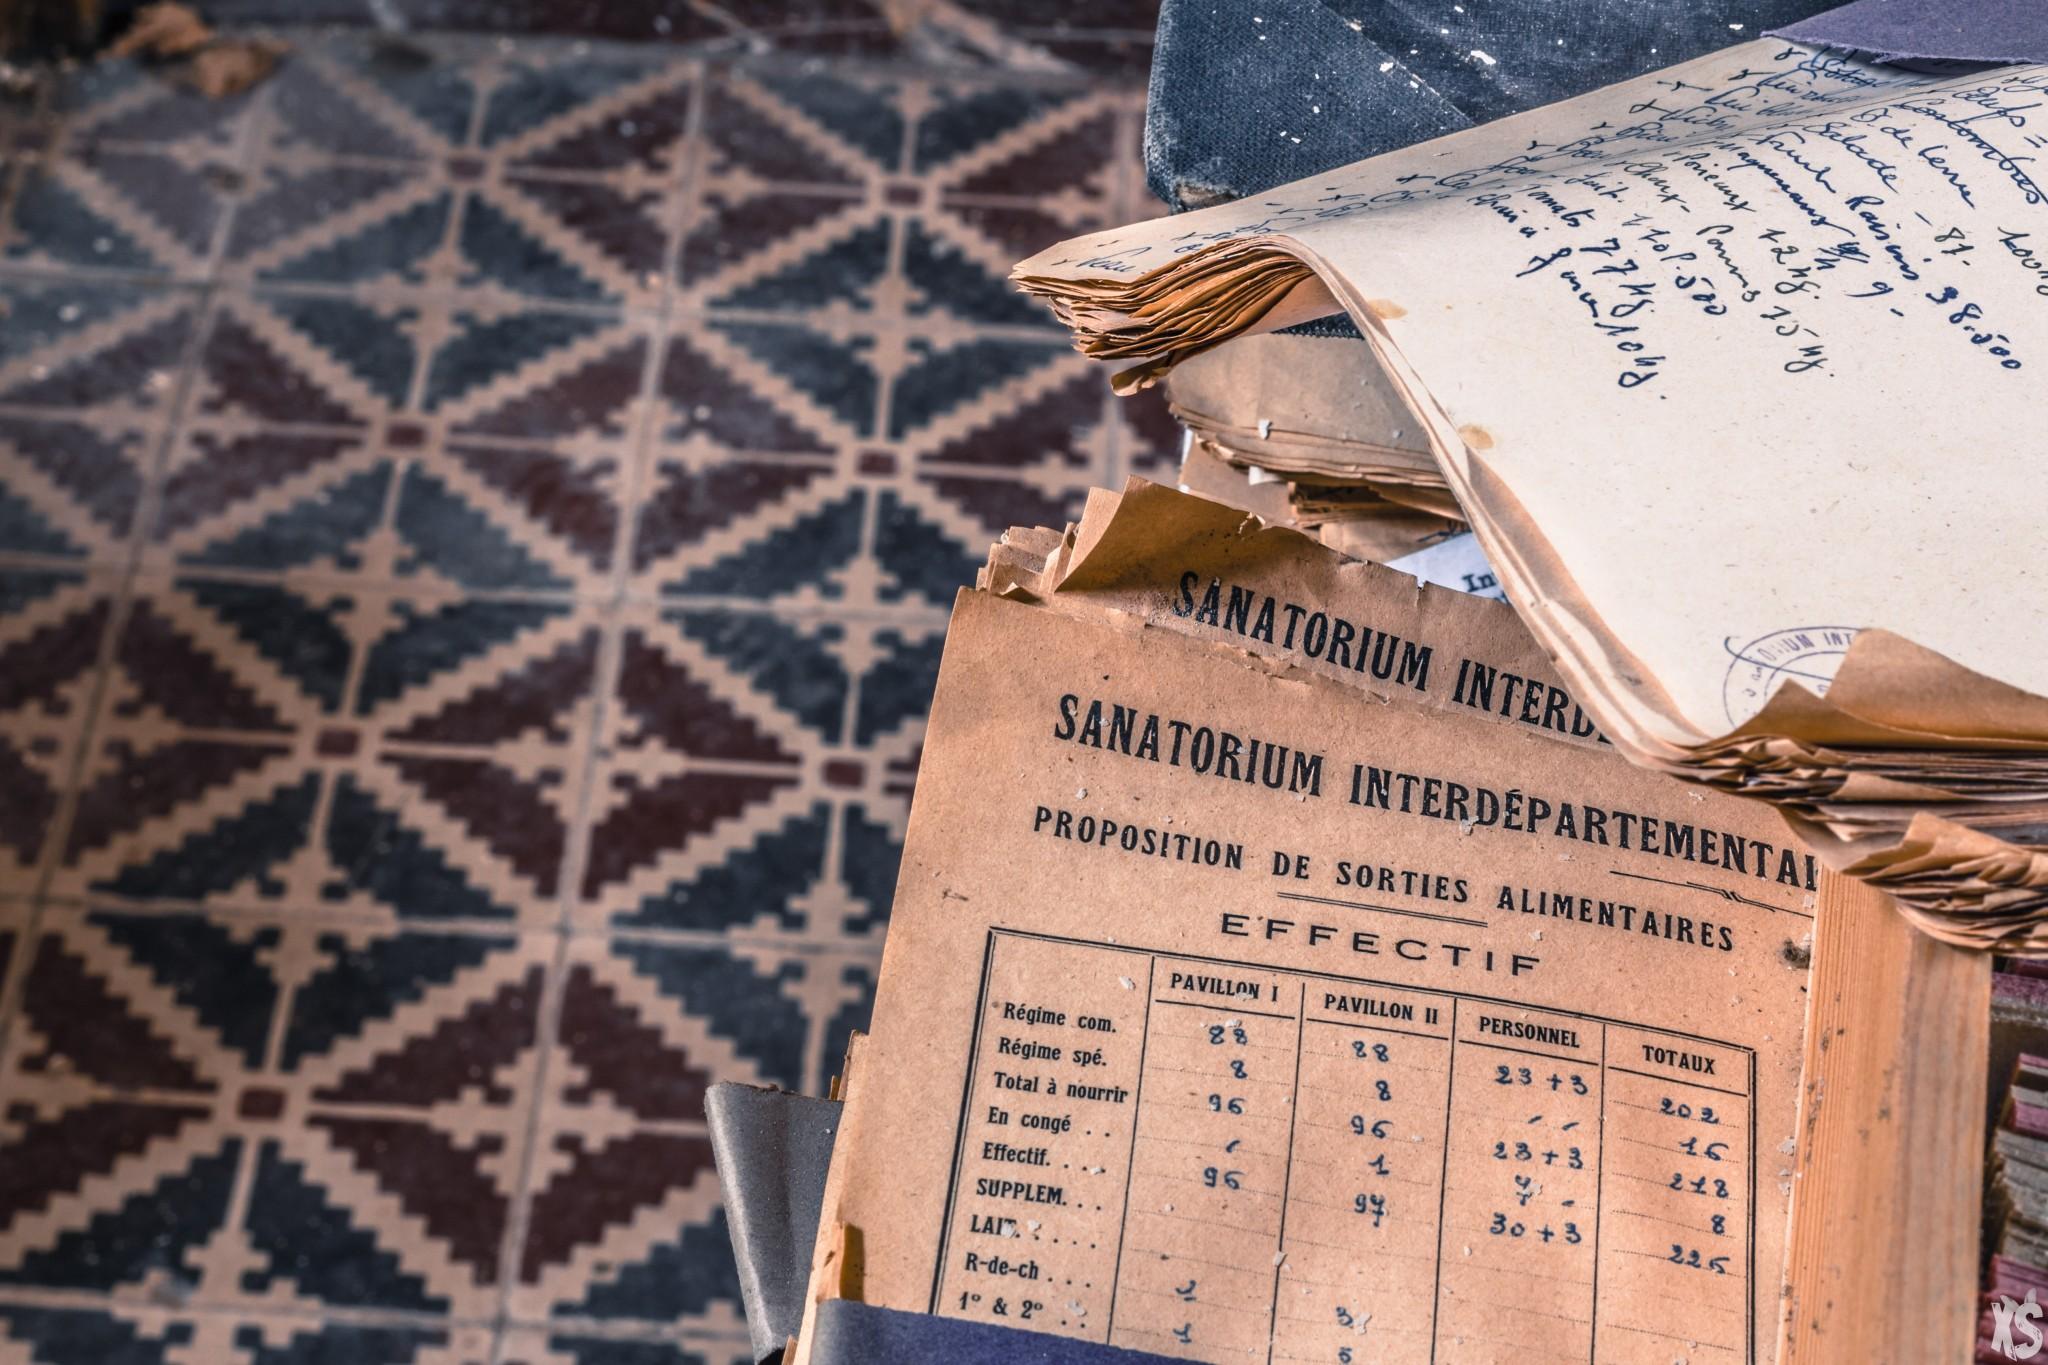 sanatorium-eugene-aram-55a